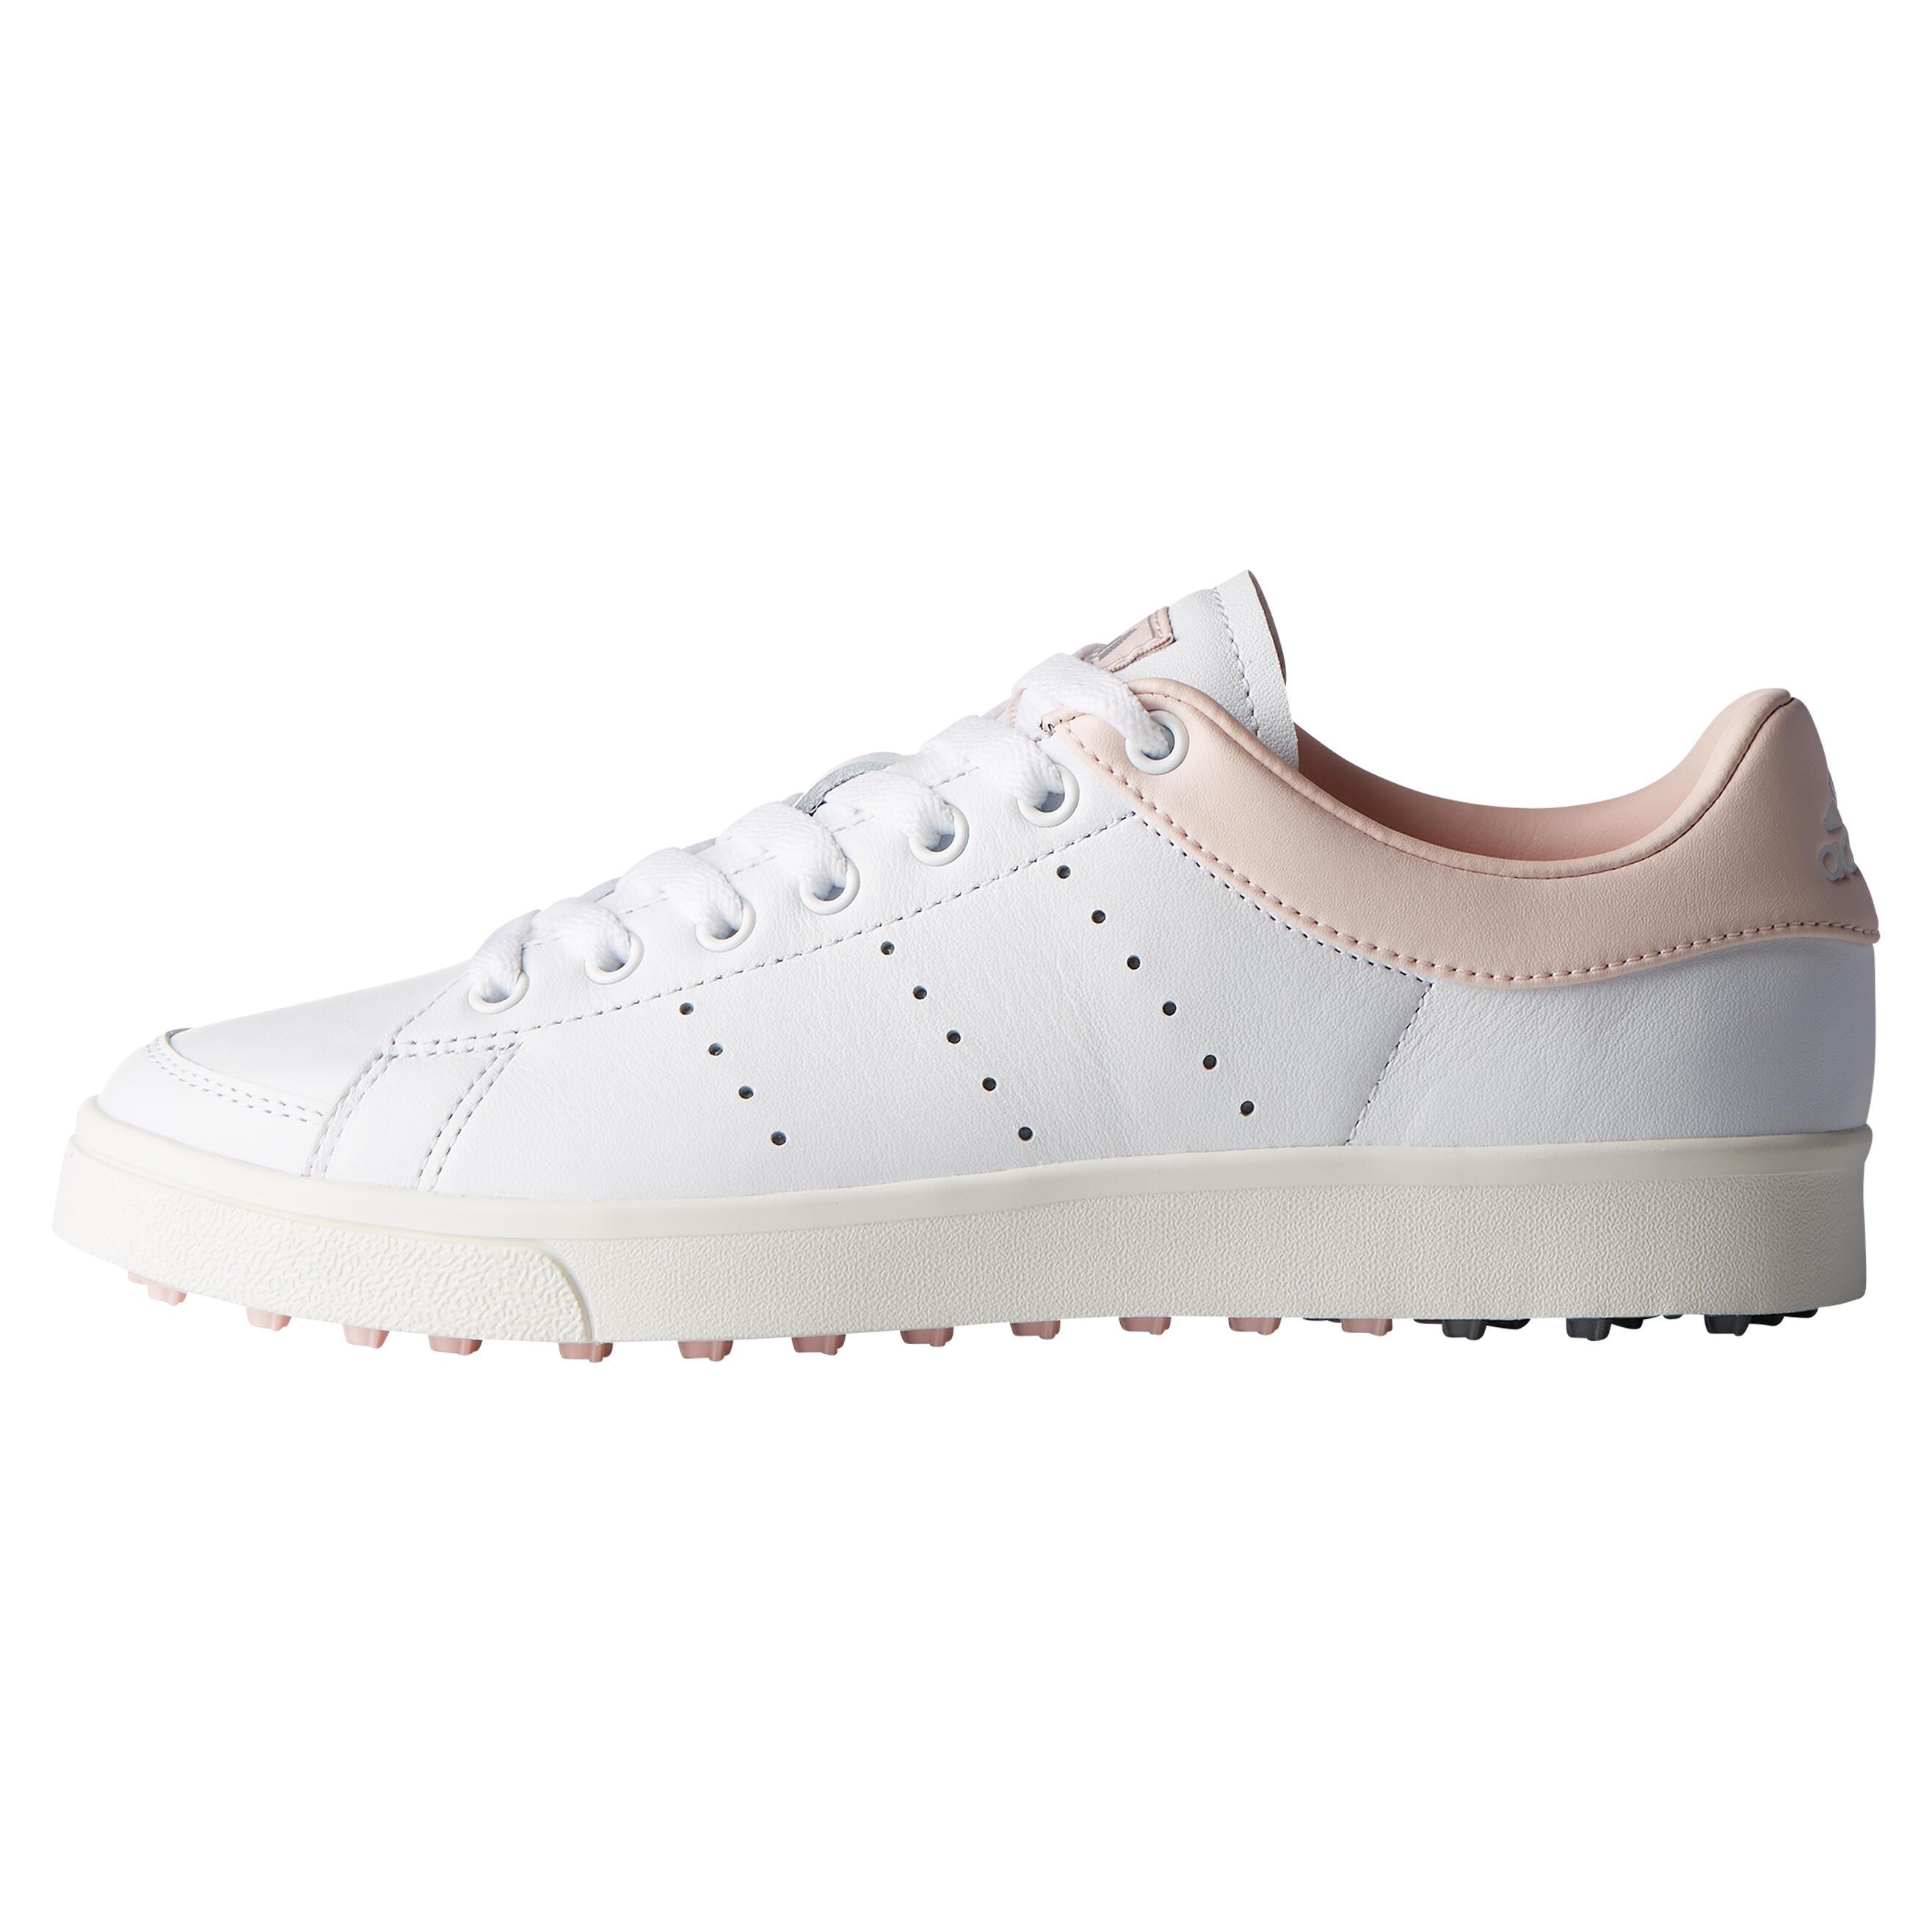 Adidas Golfschoenen voor dames Adicross Classic wit